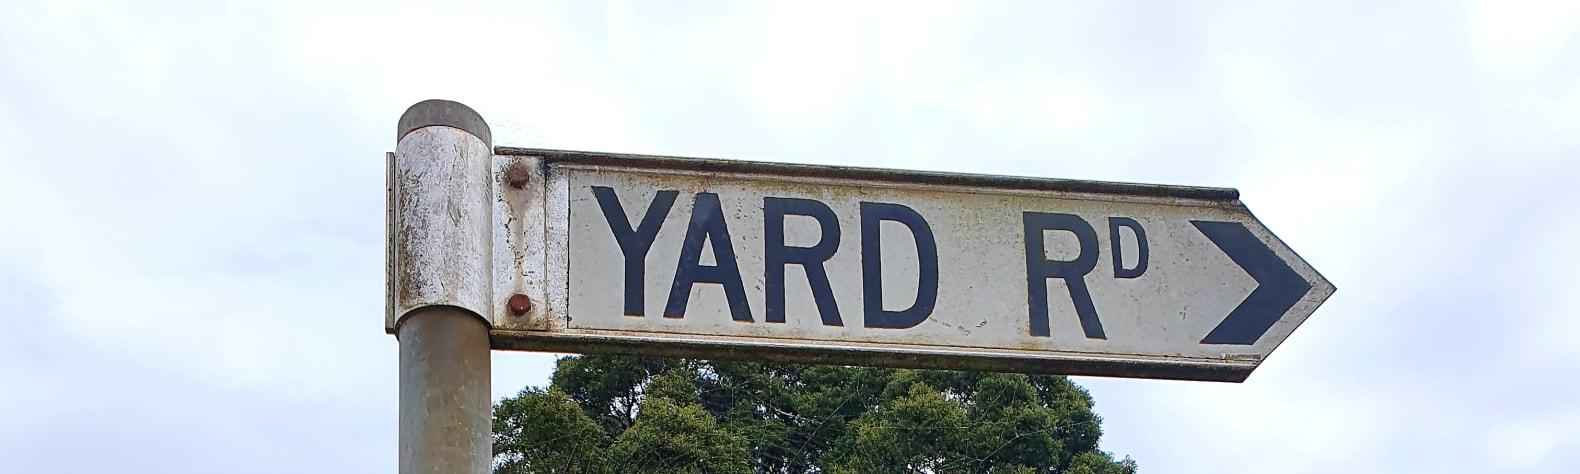 Yard Road